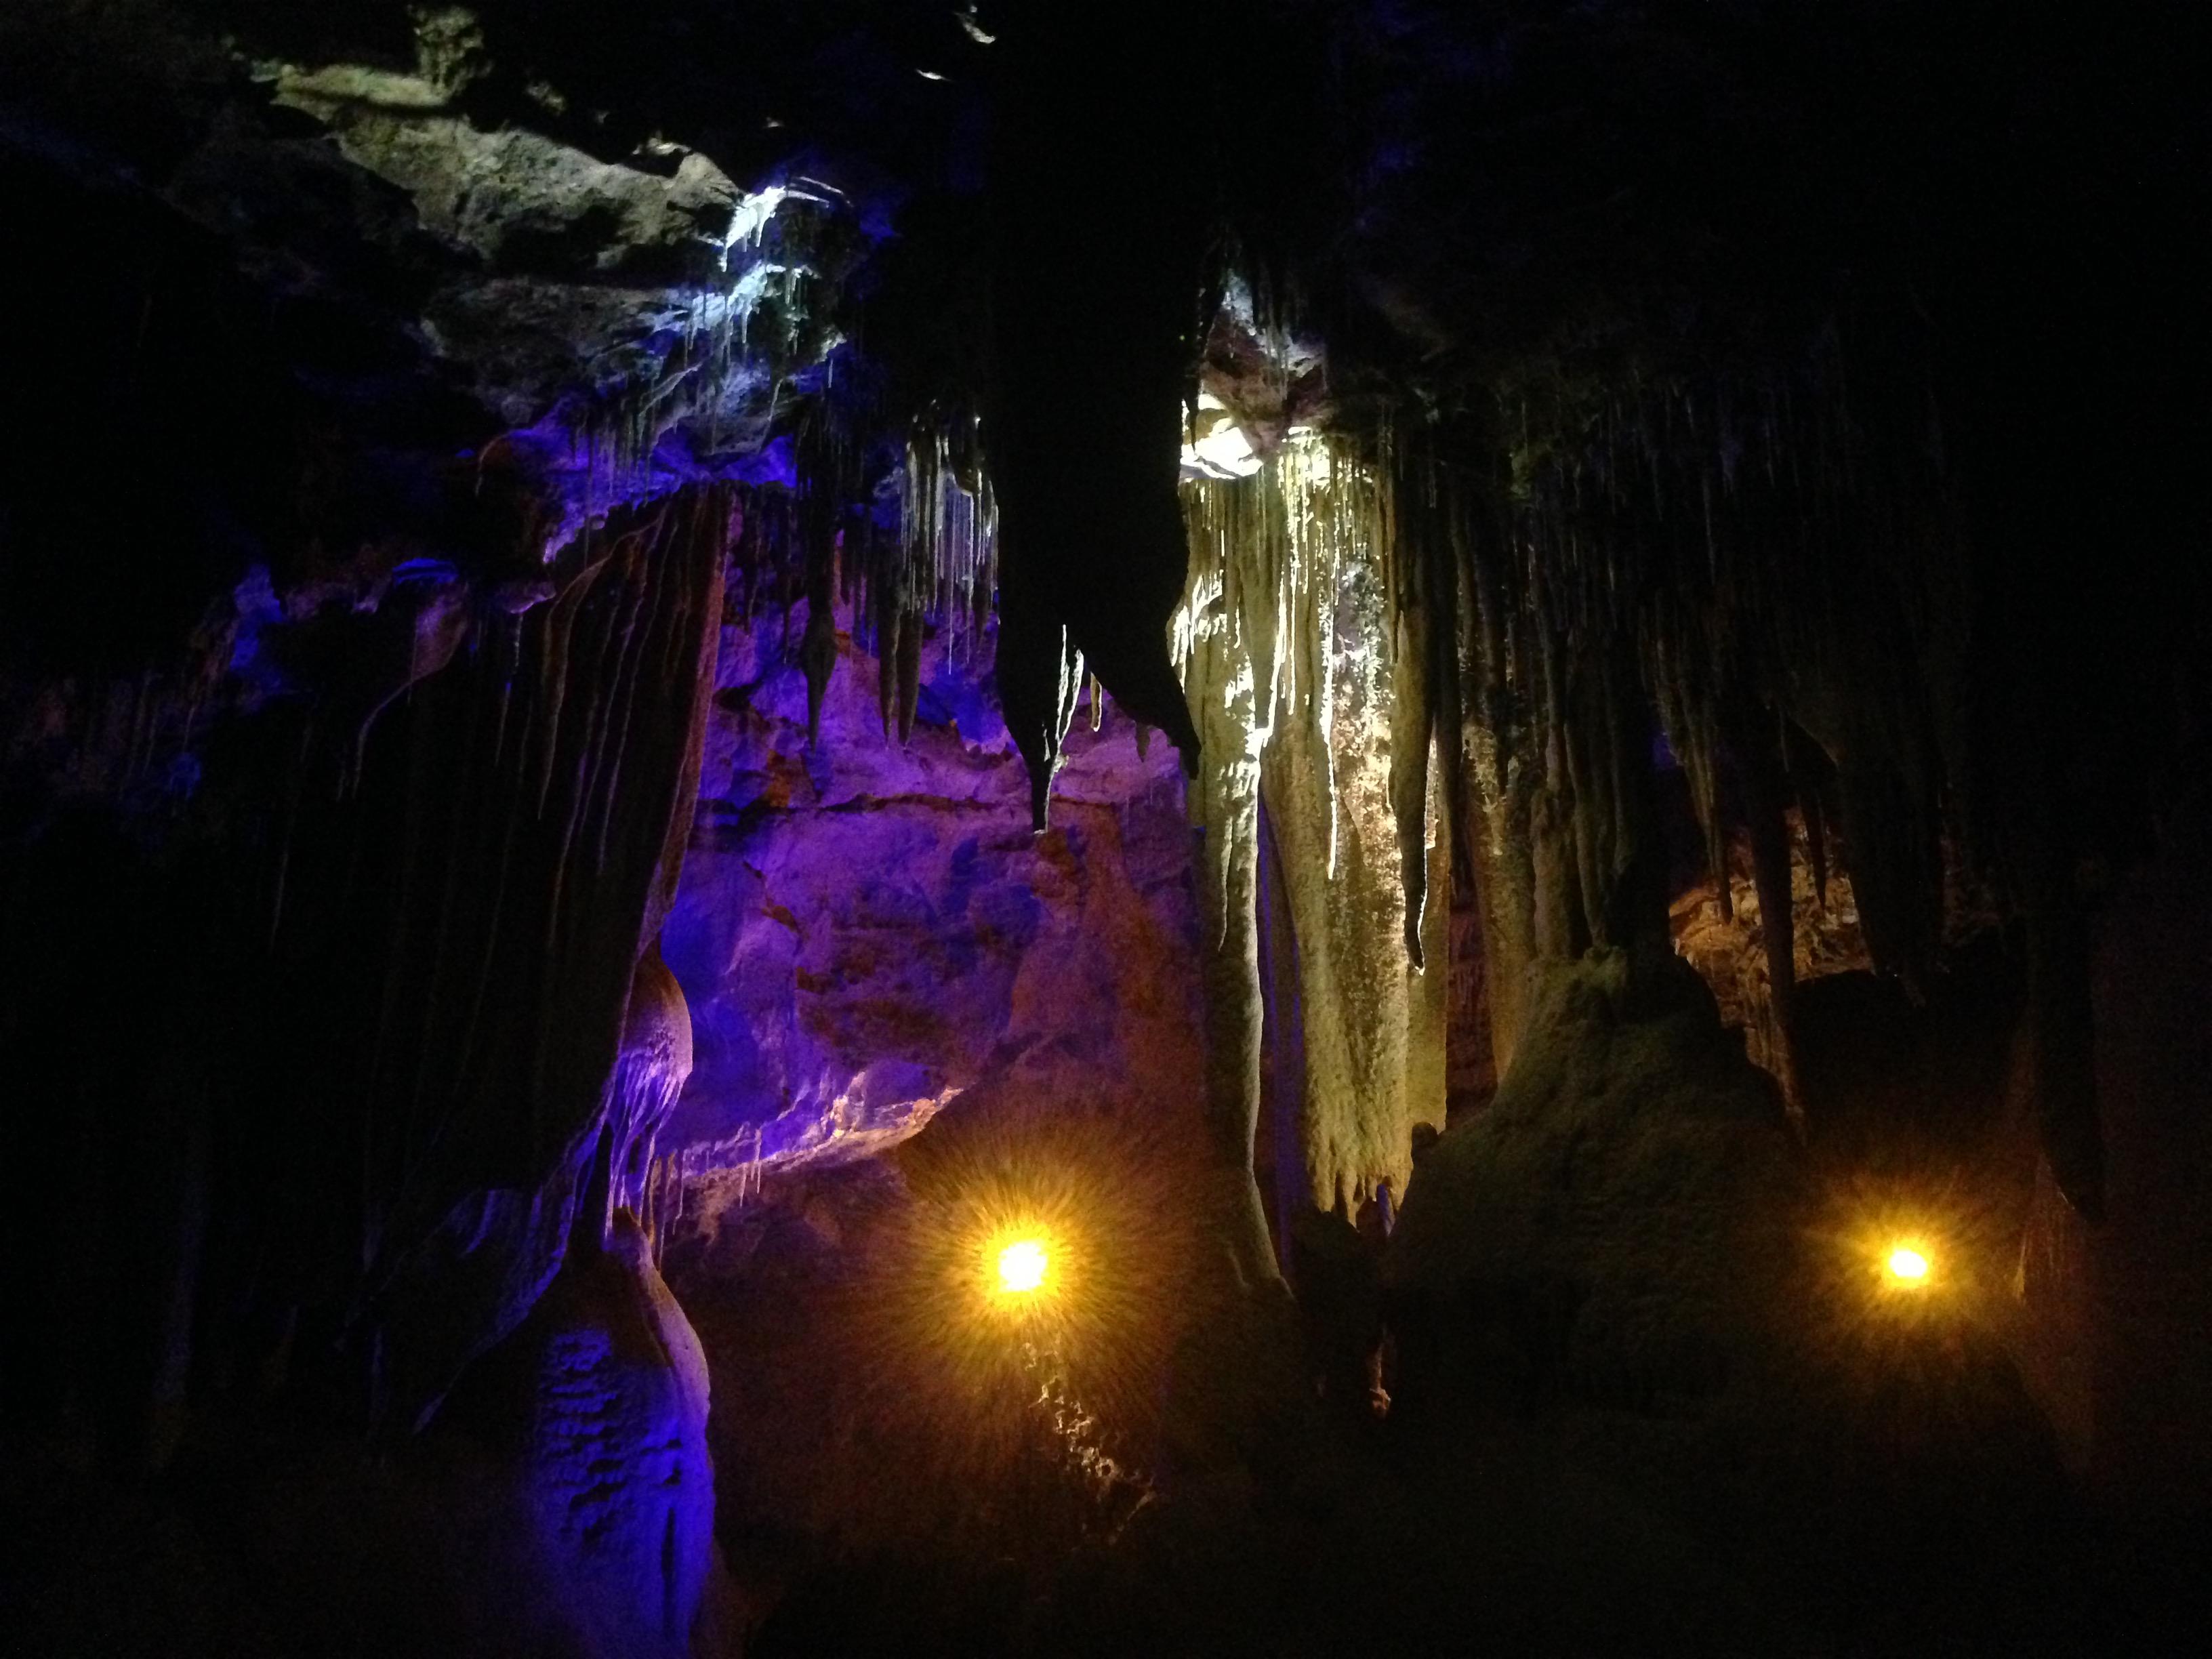 Grotte de Baume Obscure